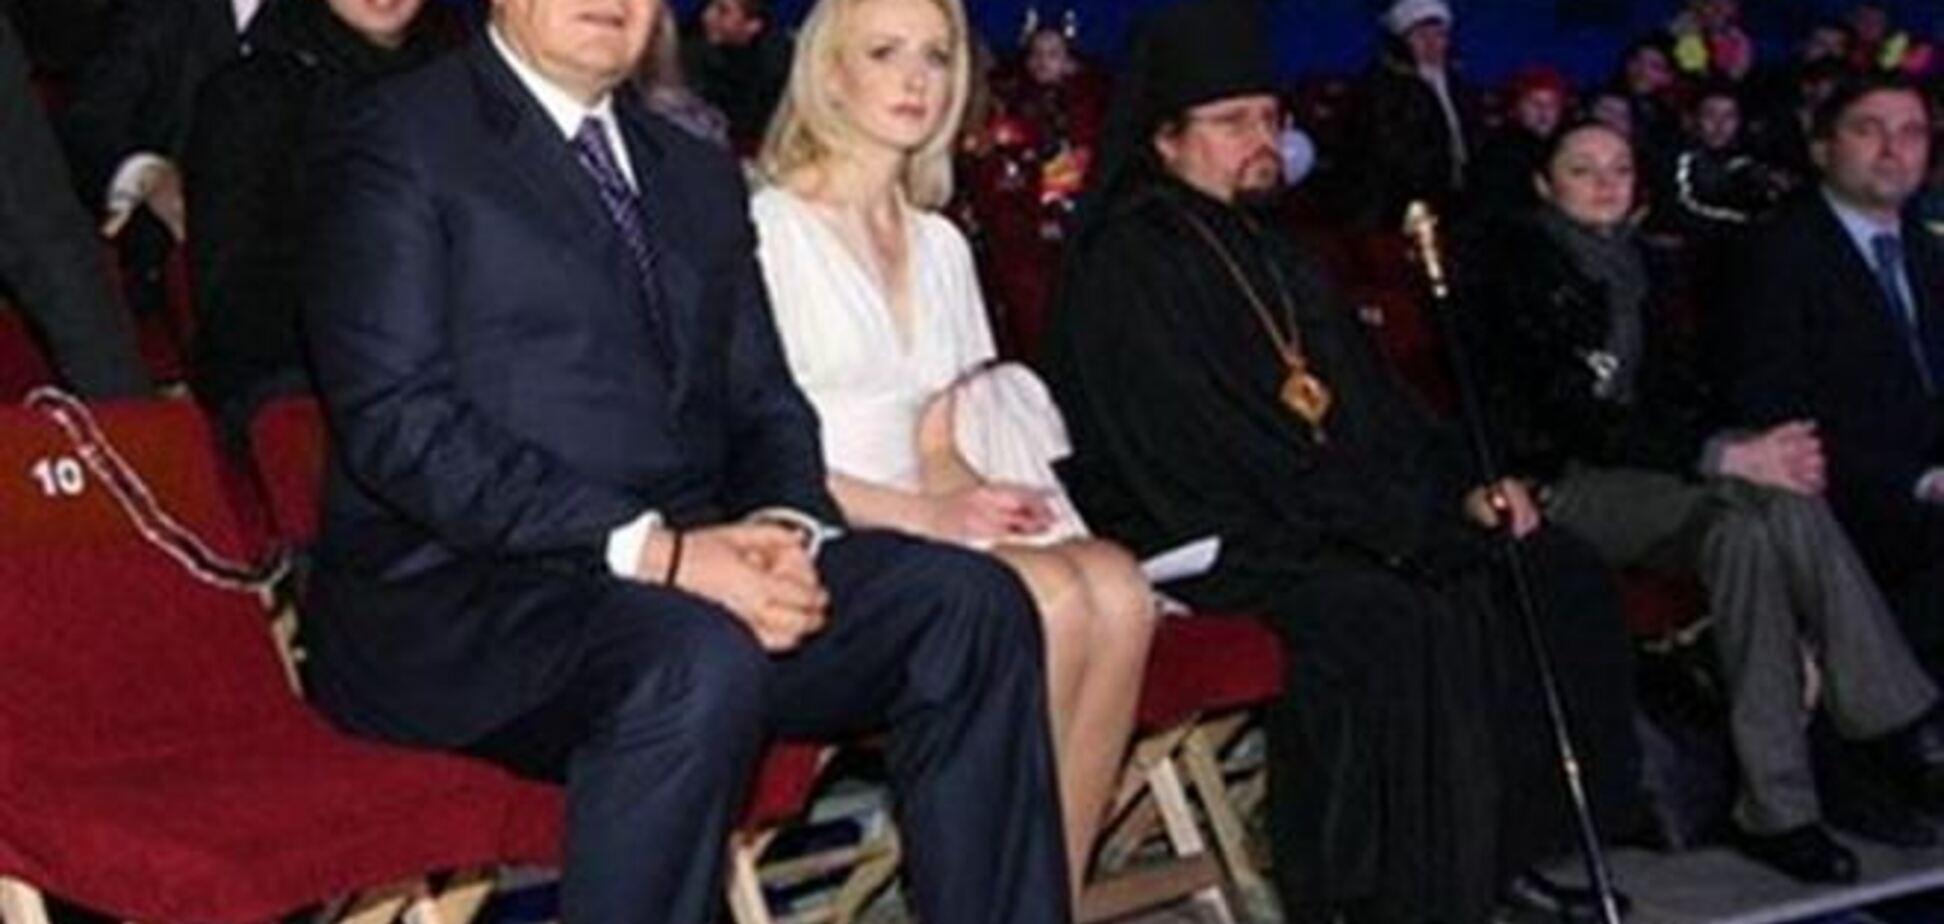 Березовская: я никогда не была любовницей Януковича!